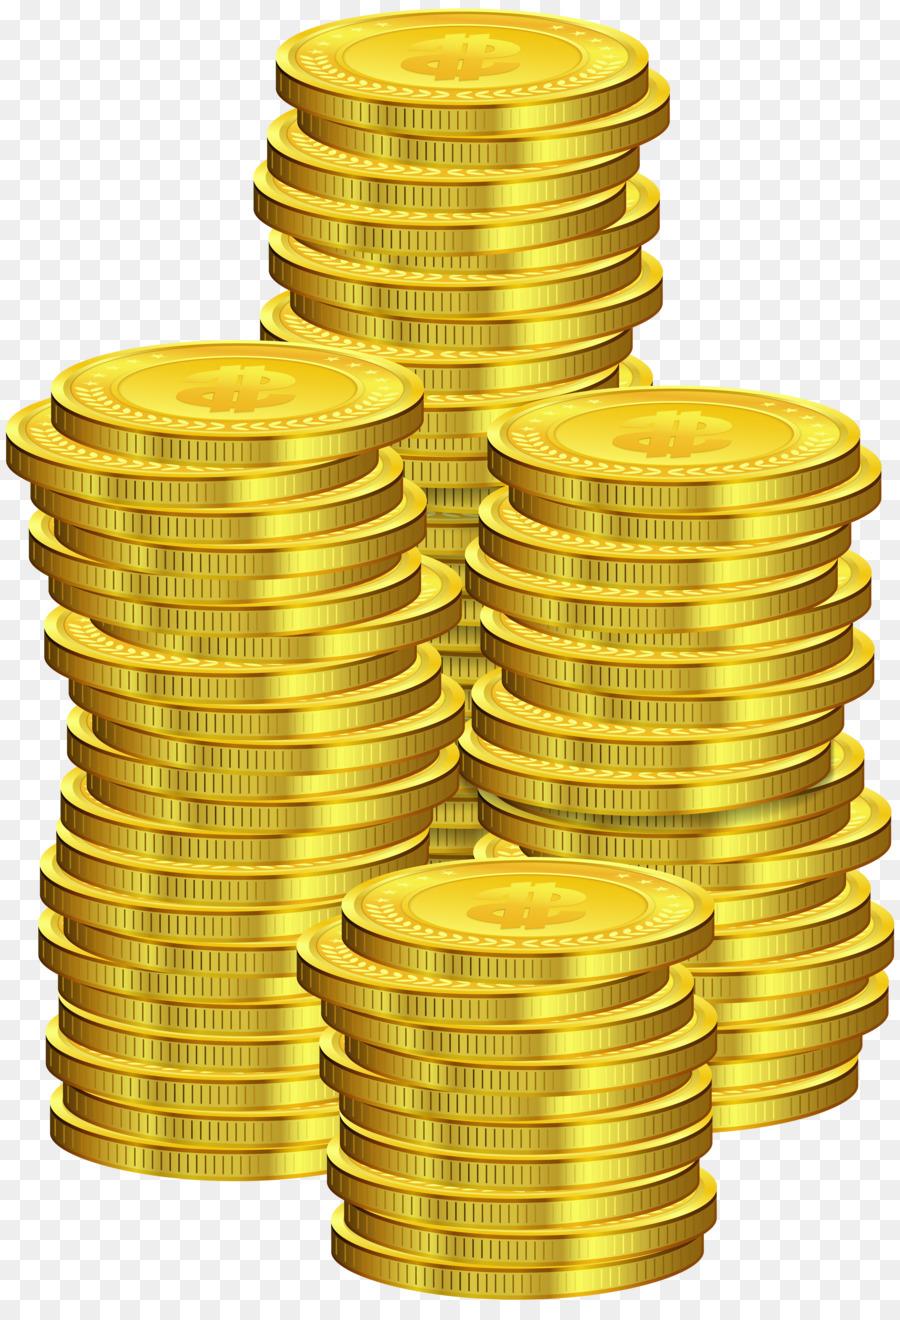 Descarga gratuita de Dinero, Moneda, Iconos De Equipo imágenes PNG